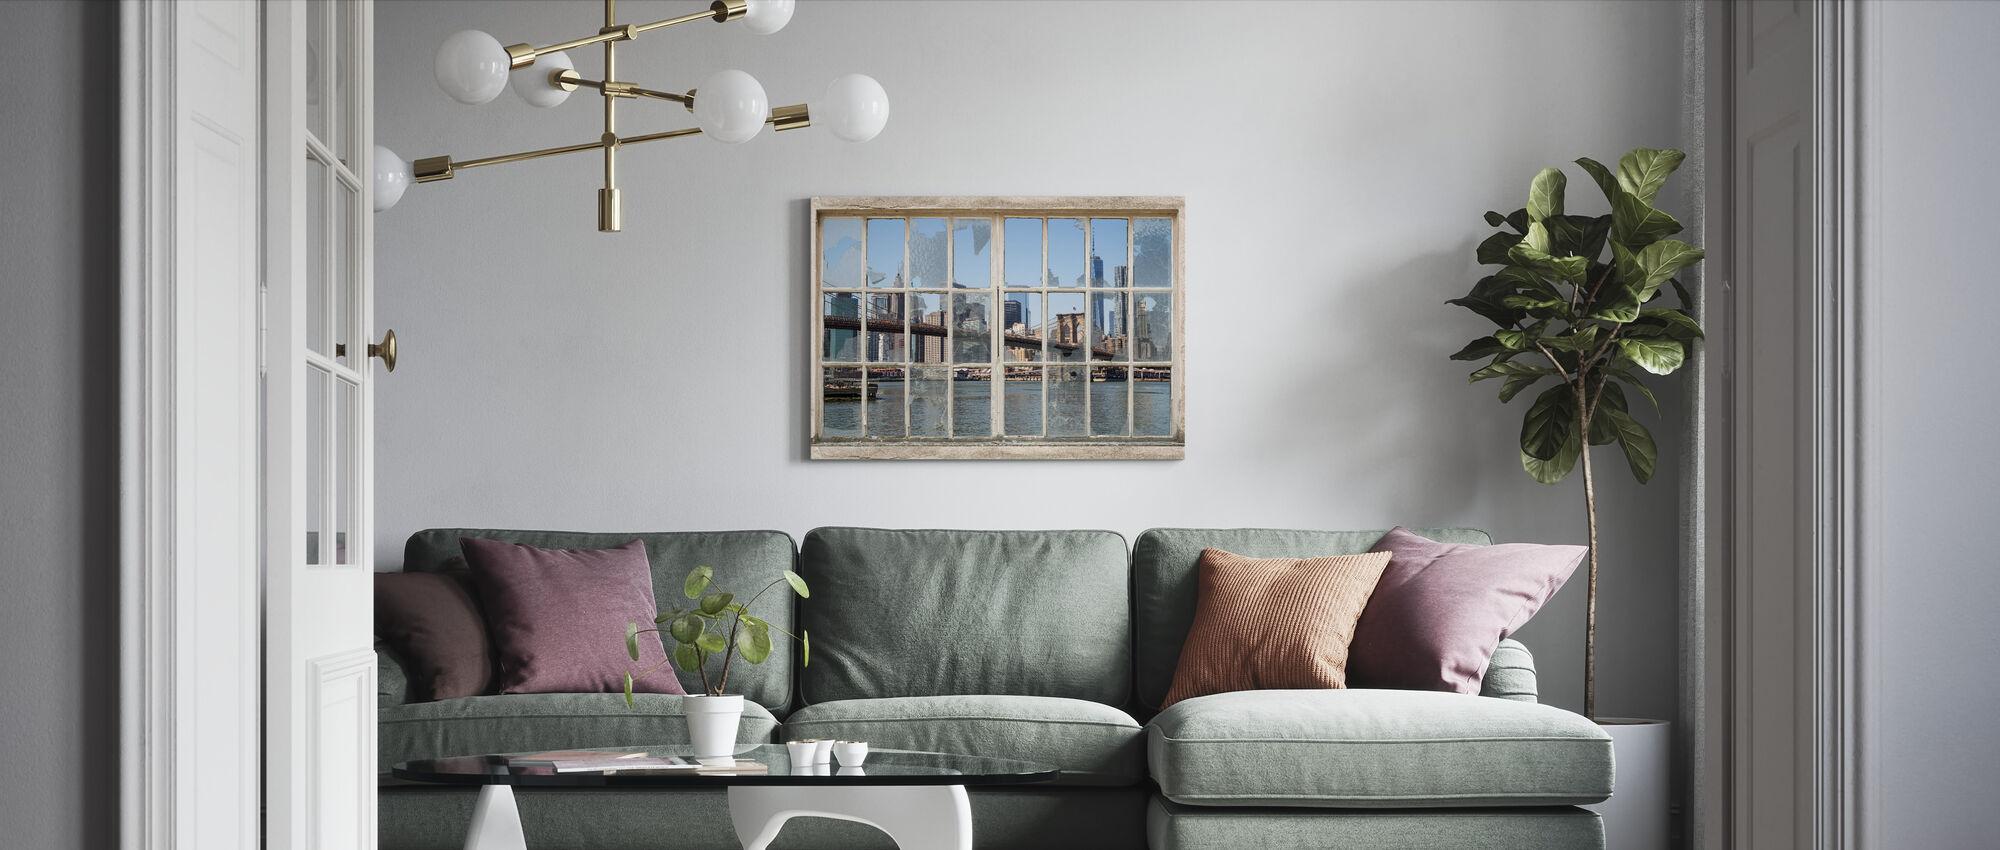 Brooklyn Brücke durch zerbrochenes Fenster - Leinwandbild - Wohnzimmer